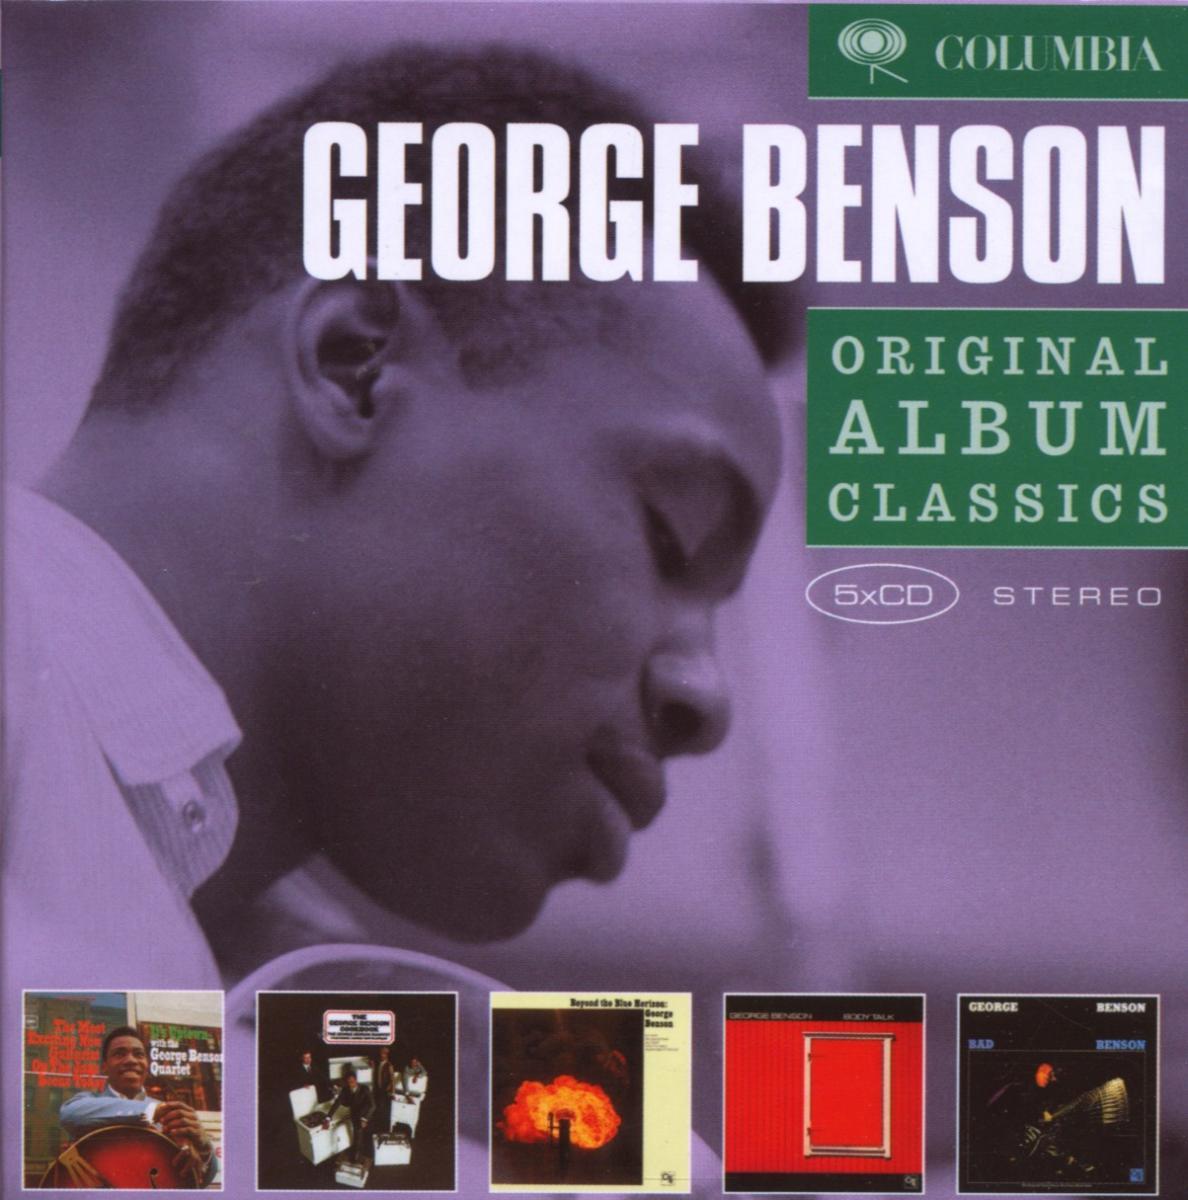 Original Album Classics - George Benson - Musik - COLUMBIA - 0886971455229 - December 17, 2008